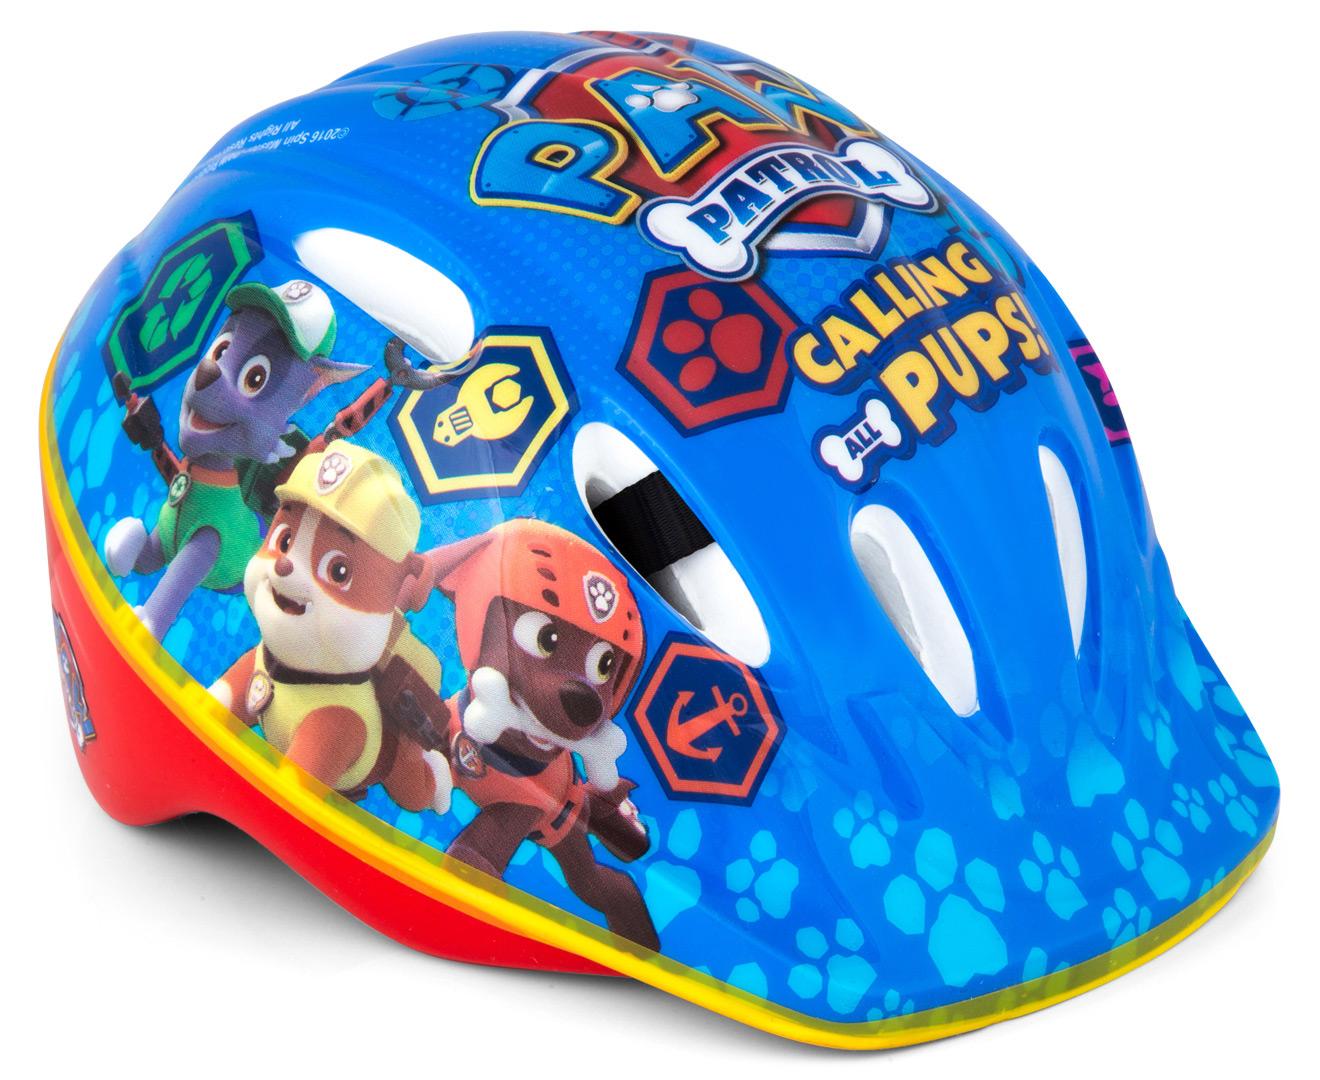 Paw Patrol Toddler Helmet Blue Catch Com Au